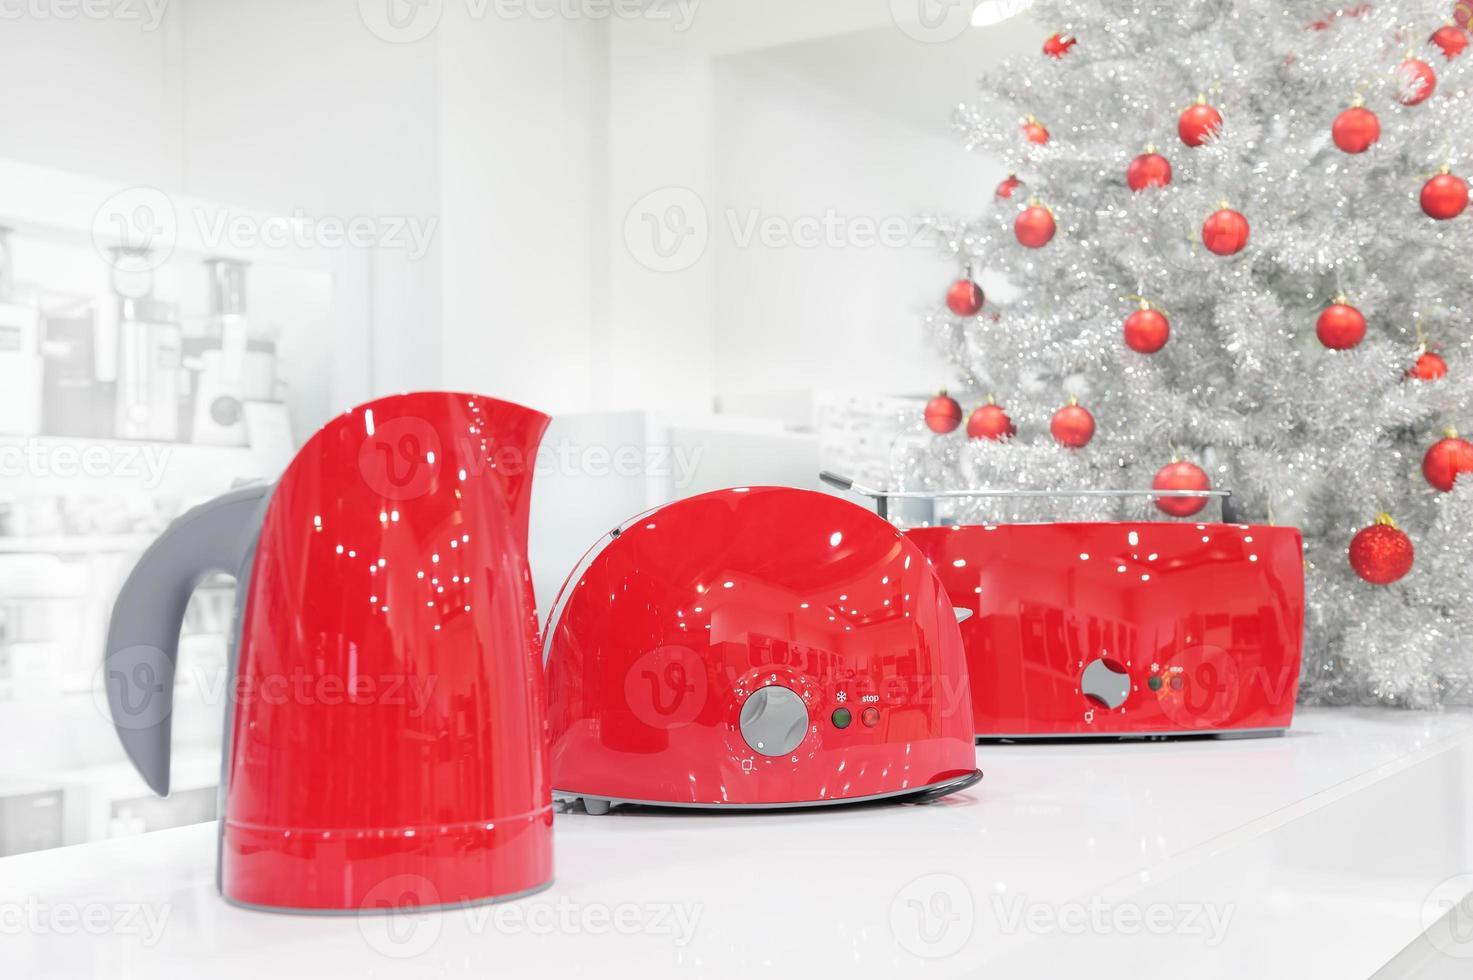 tienda de electrodomésticos en navidad foto